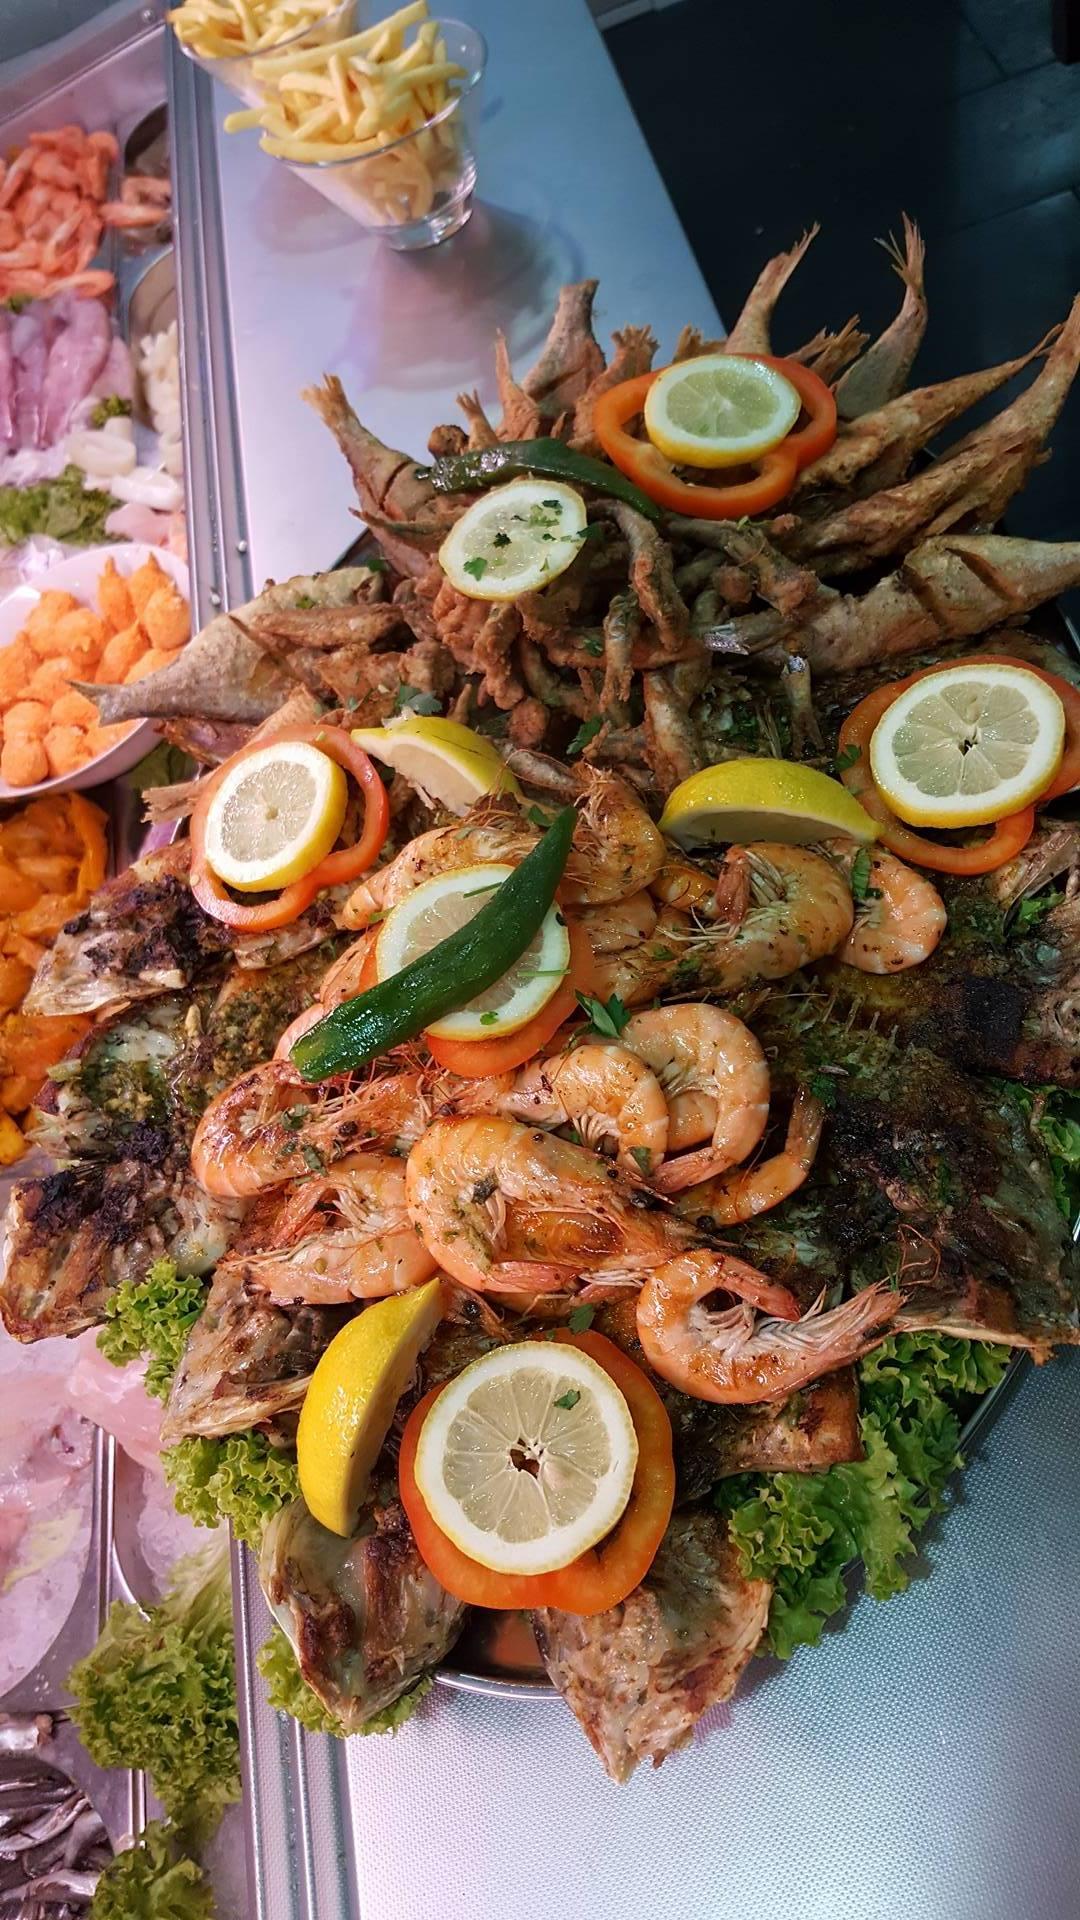 Traiteur -img16 • Livraison de poissons • Poissonnerie • Restaurant • Traiteur à Anderlecht